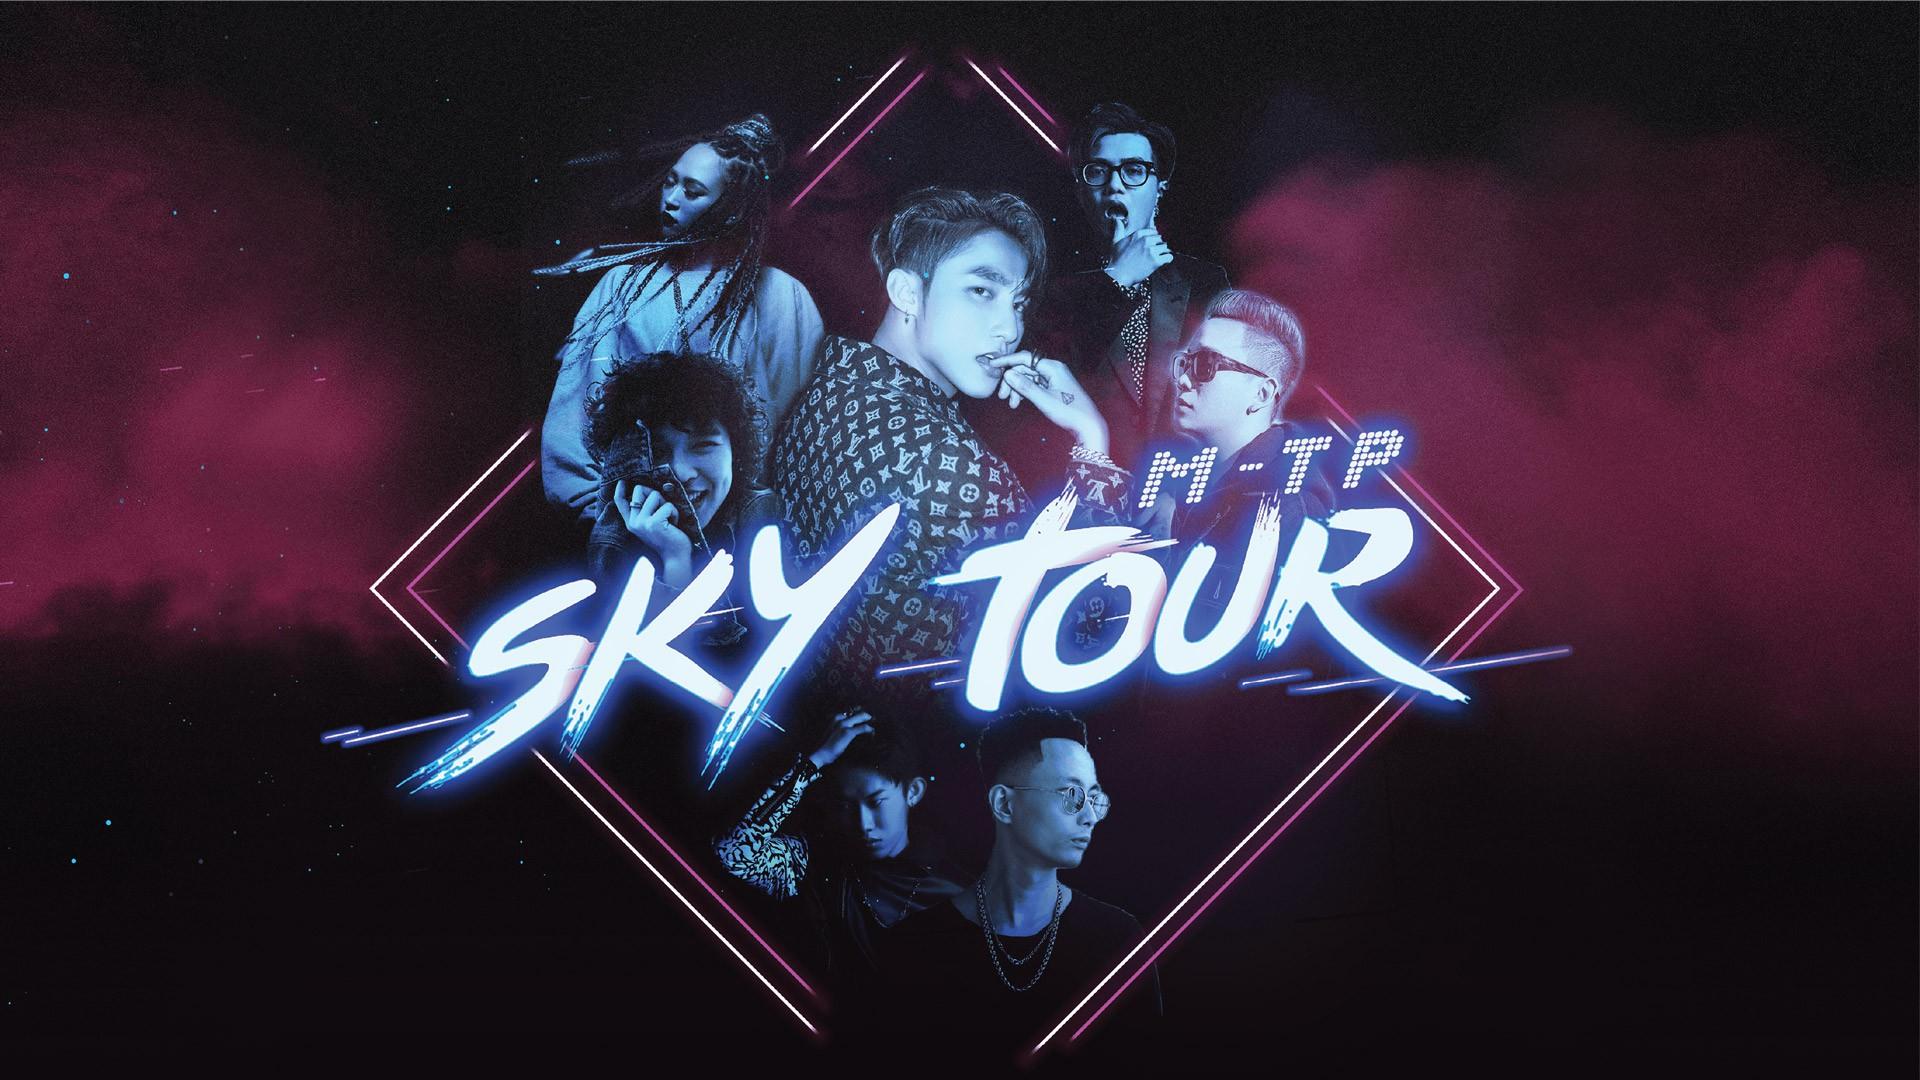 Loạt quy định gắt gao khi đi xem Sky Tour của Sơn Tùng M-TP: Căng đét chẳng khác ngôi sao quốc tế - Ảnh 3.